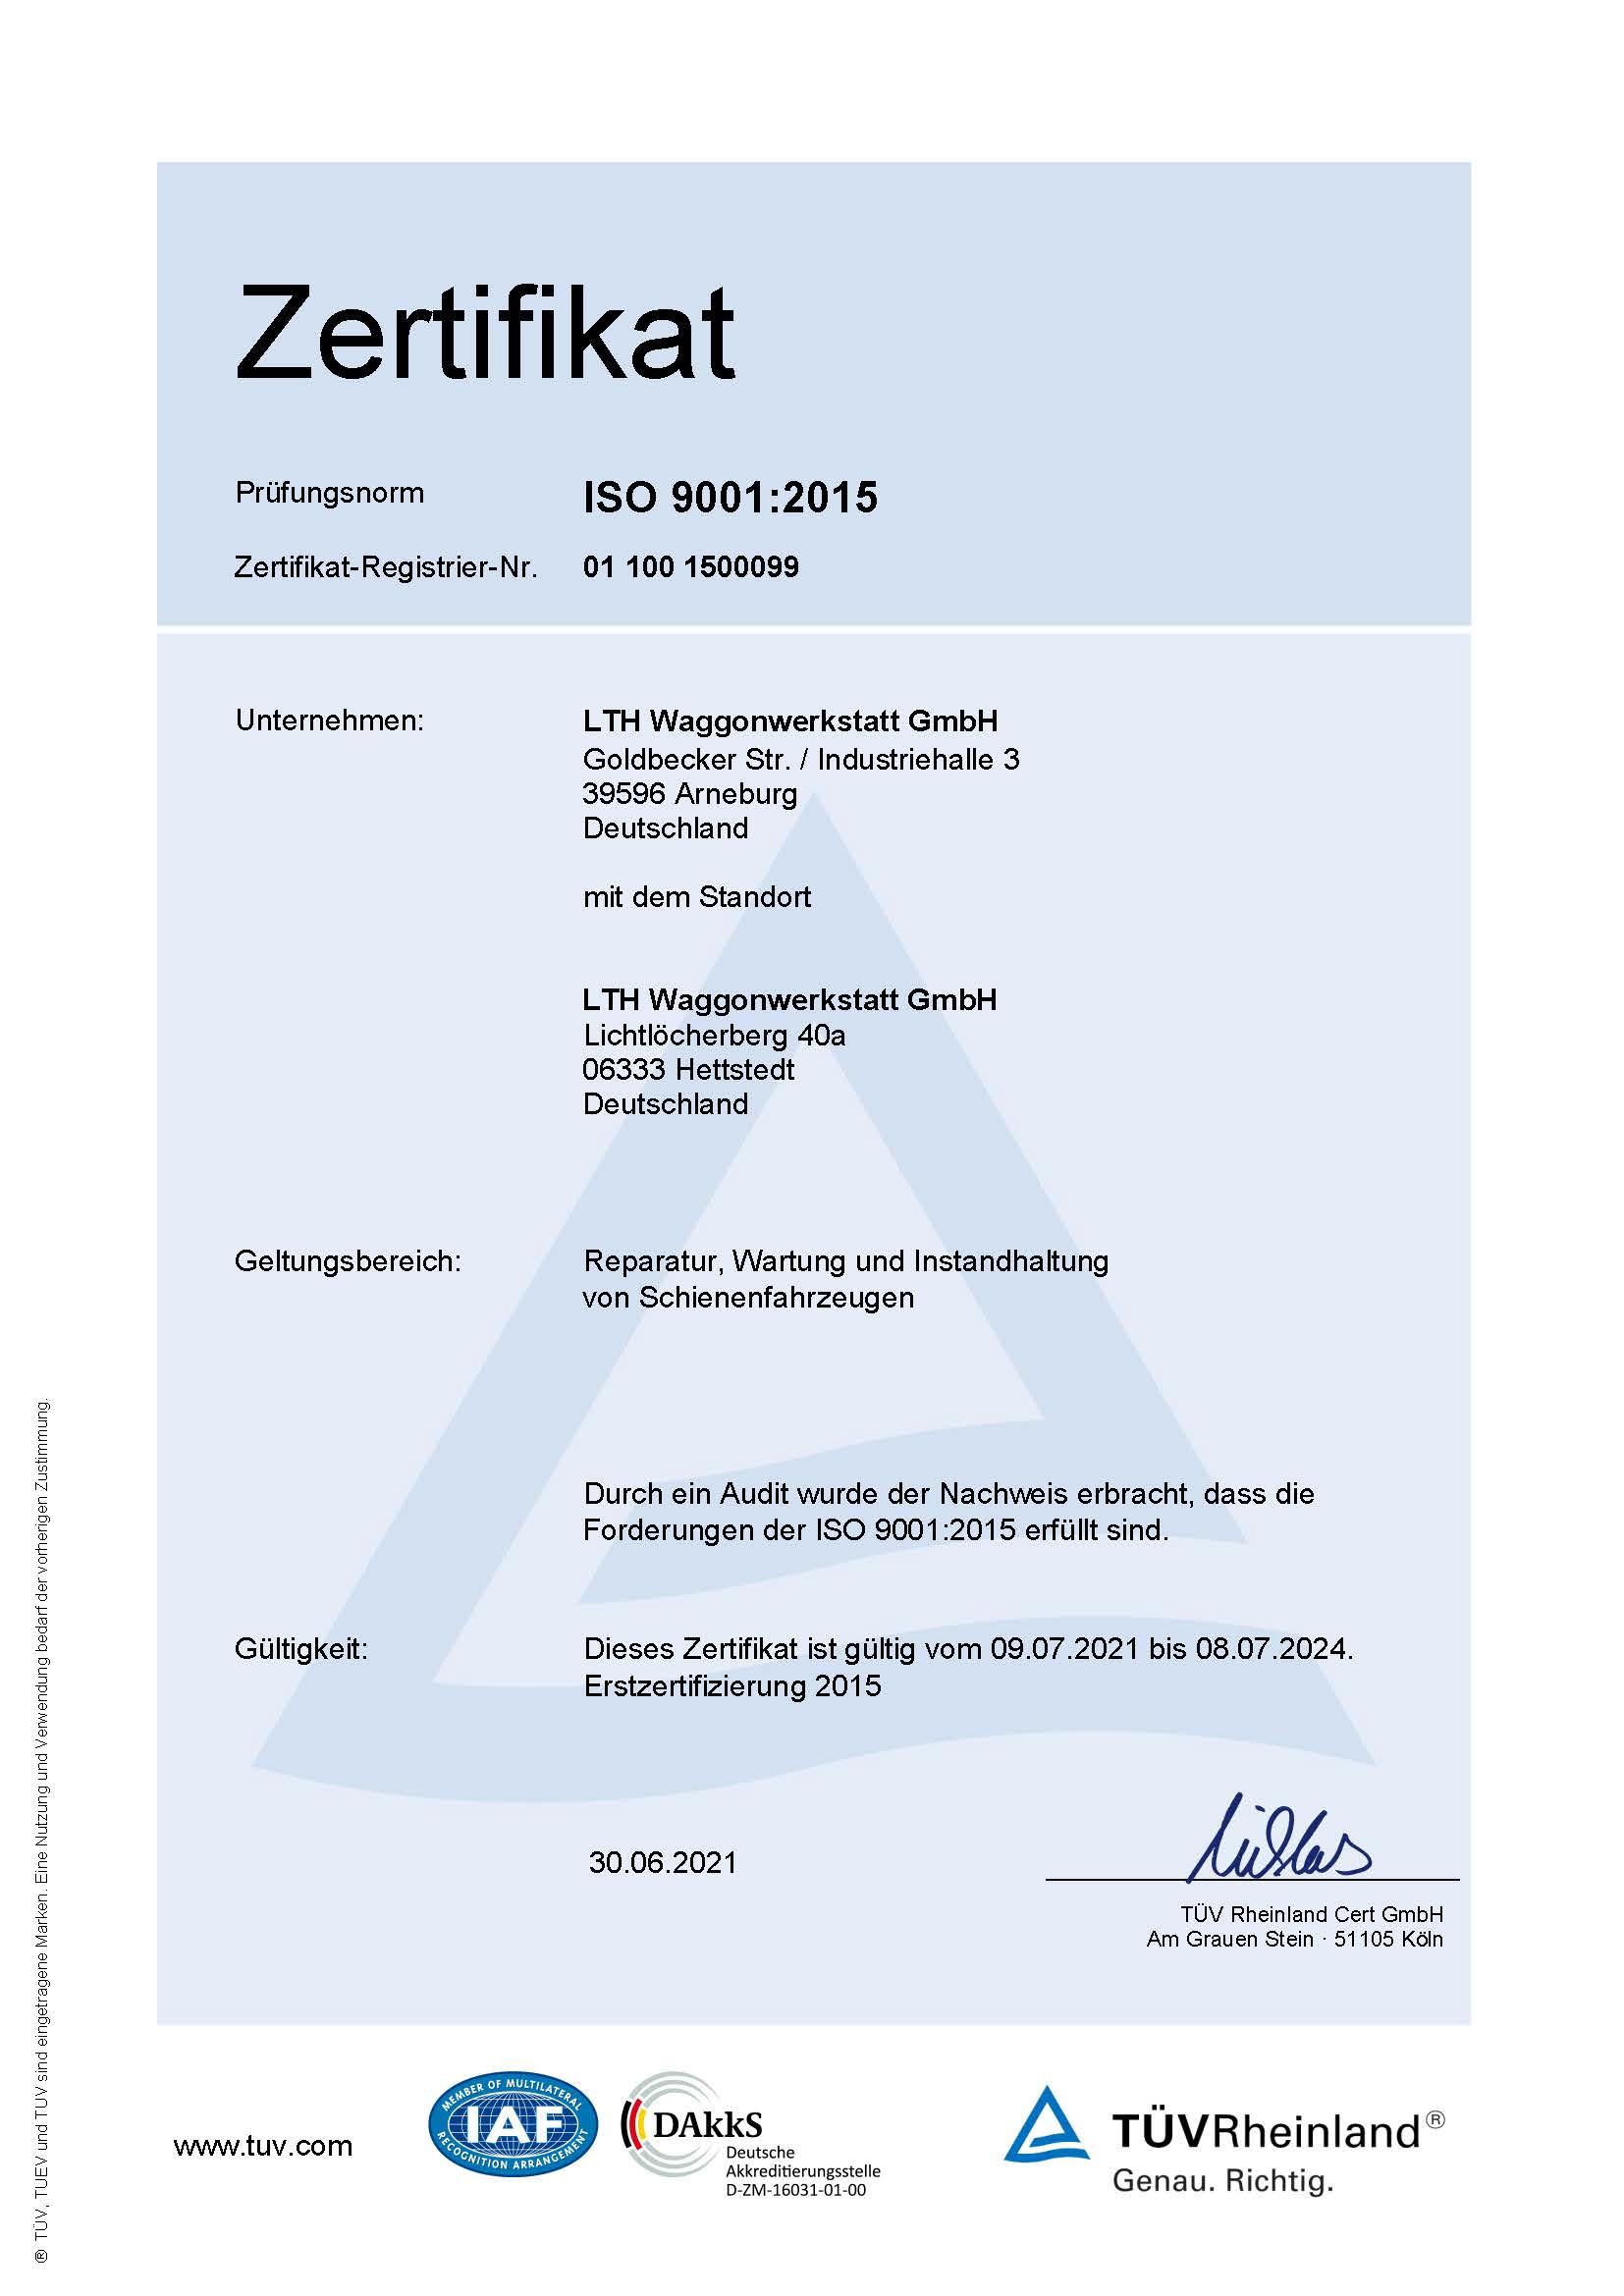 Downloads - Das Bild zeigt ein Zertifikat des TÜV Rheinlands über die Prüfungsnorm ISO 9001:2015, welche von der LTH Waggonwerkstatt GmbH erfüllt worden sind.